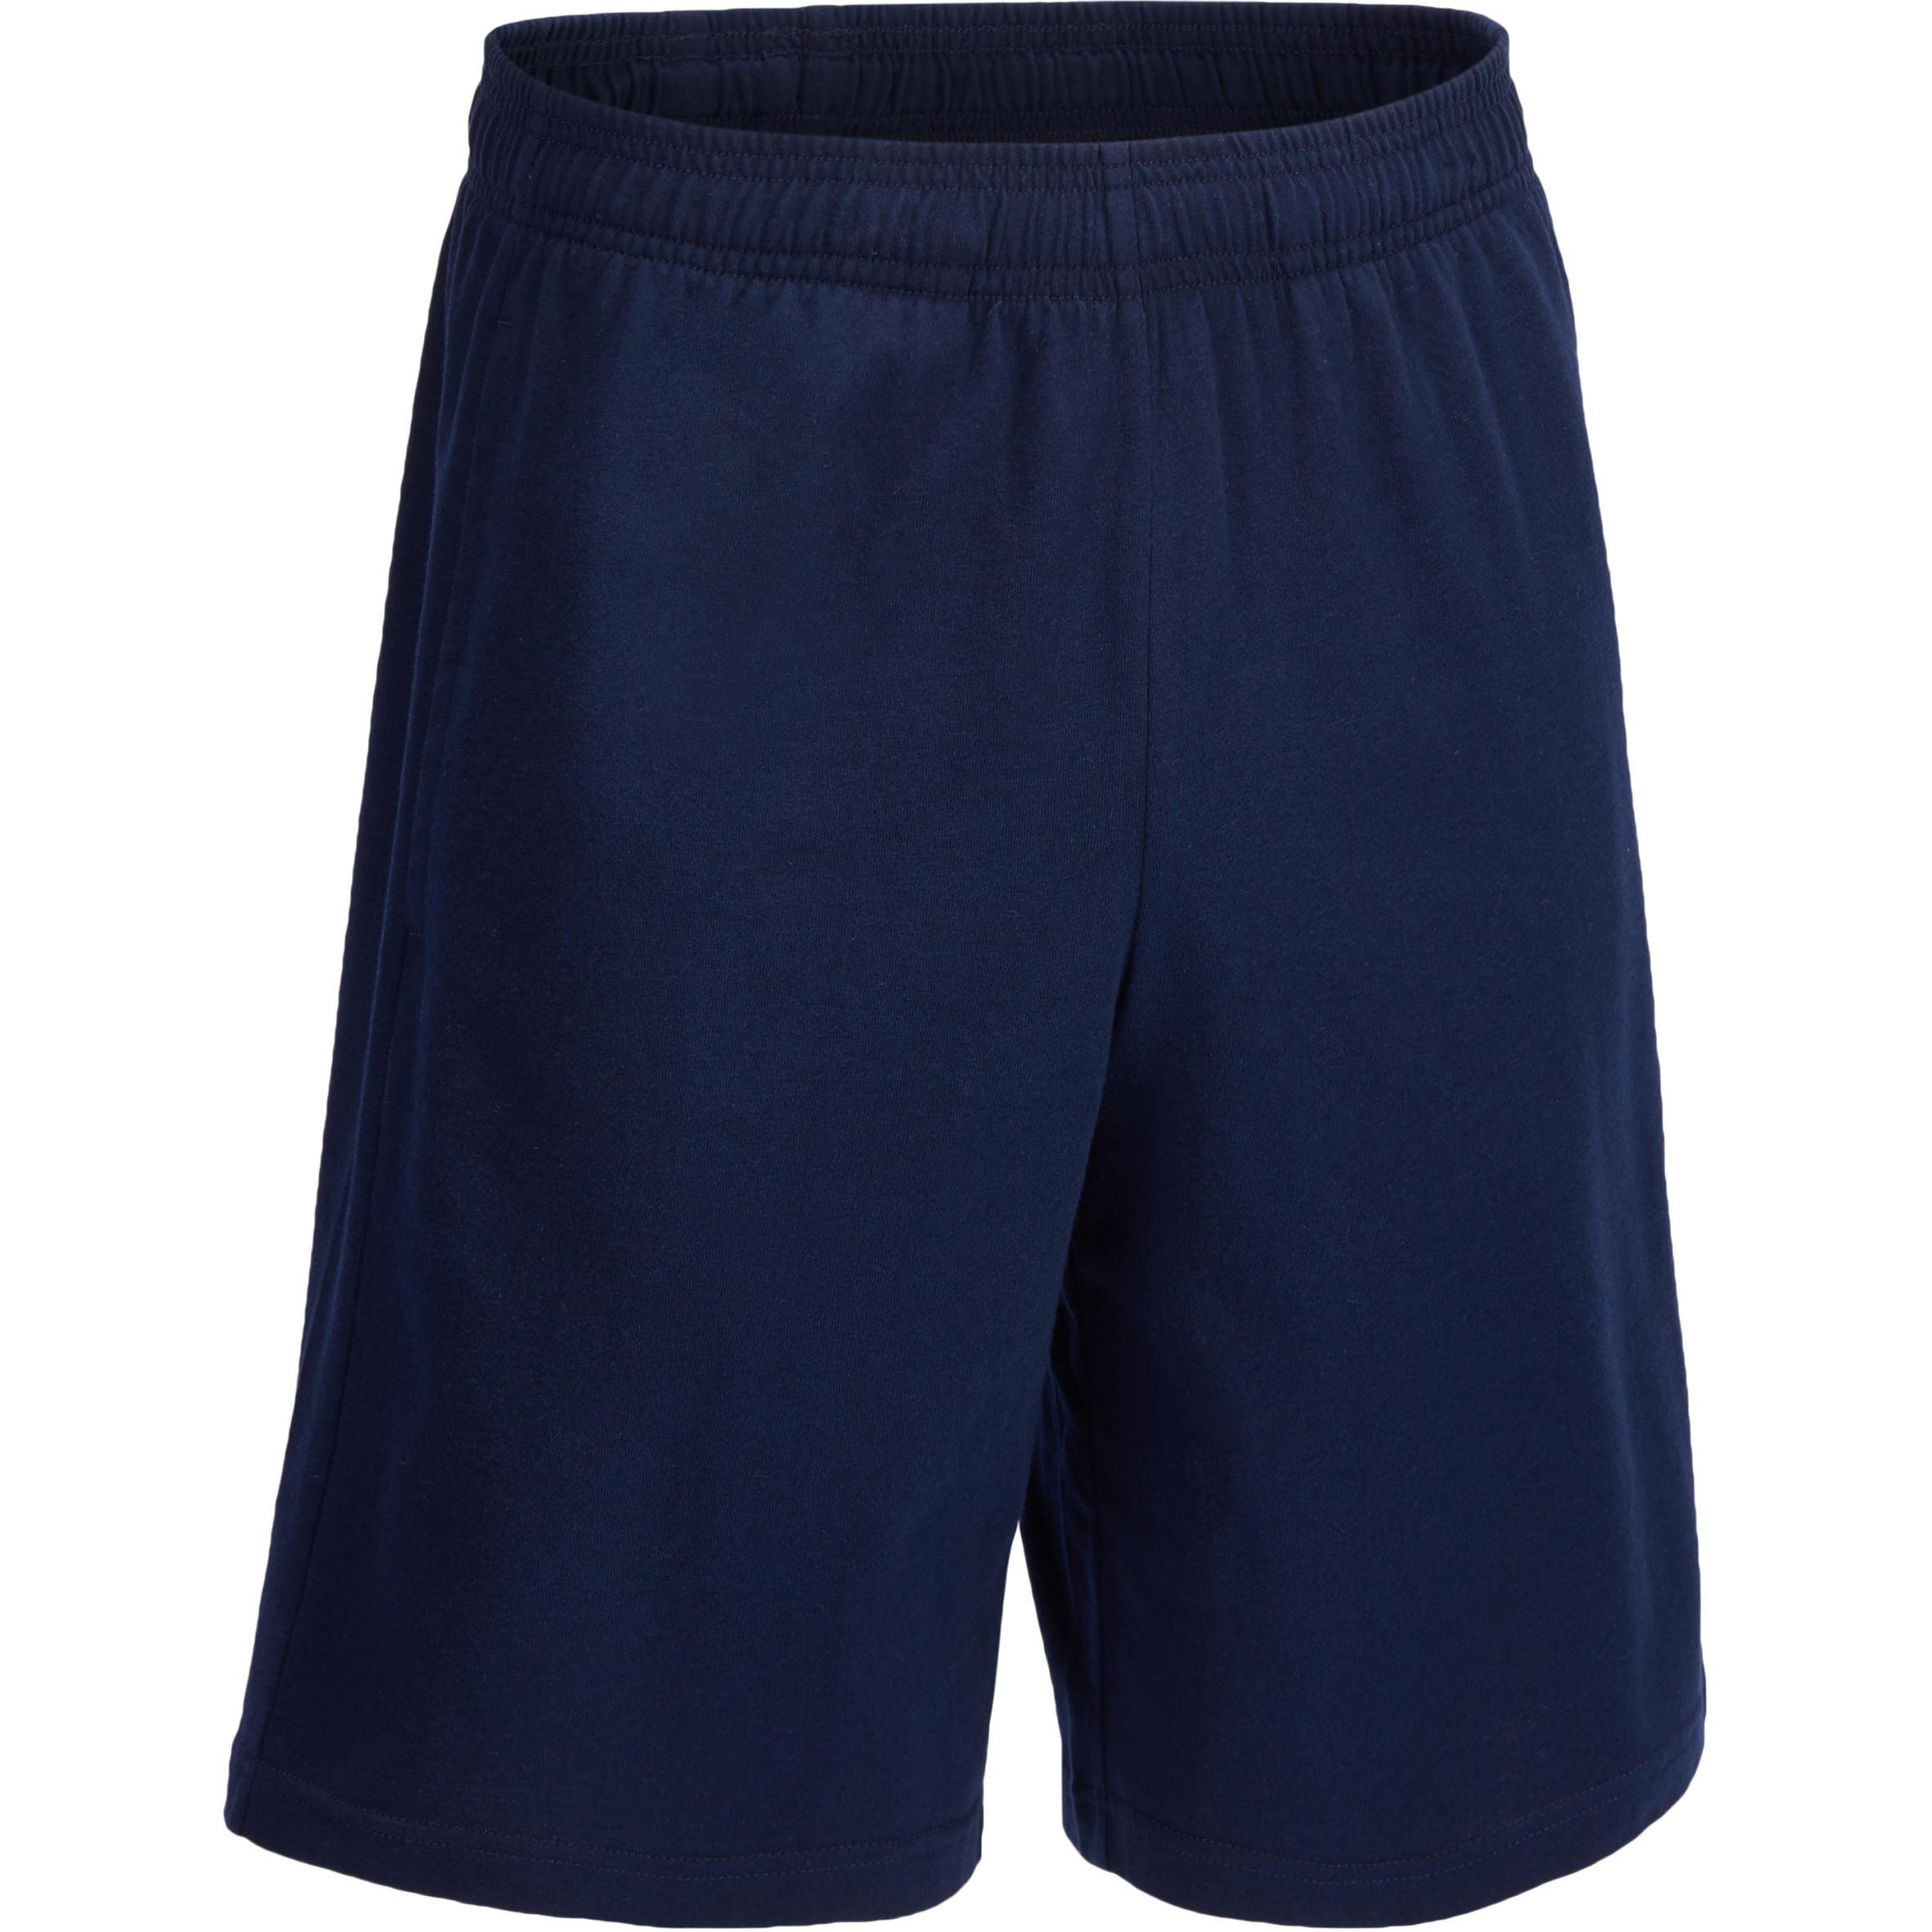 Adidas Herenshort Adidas voor gym en pilates blauw met logo